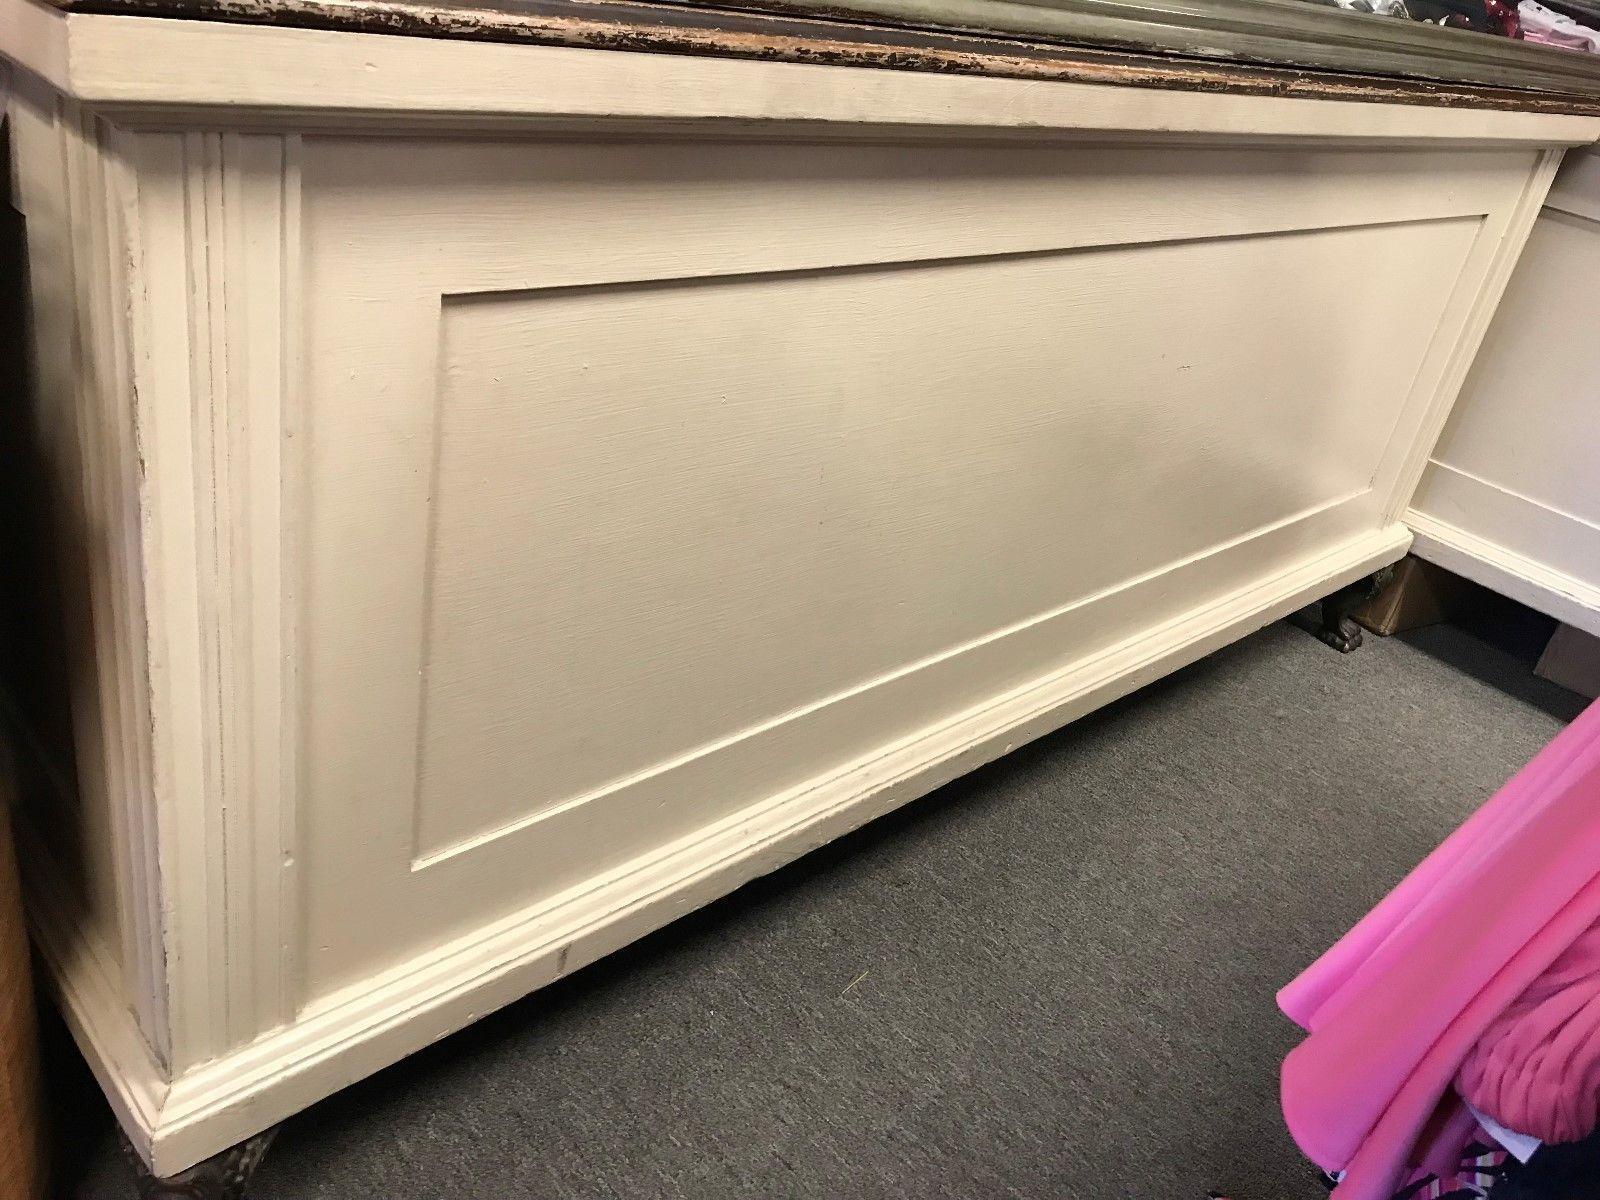 Gemütlich Weiße Küchenschranktüren Refacing Galerie - Ideen Für Die ...